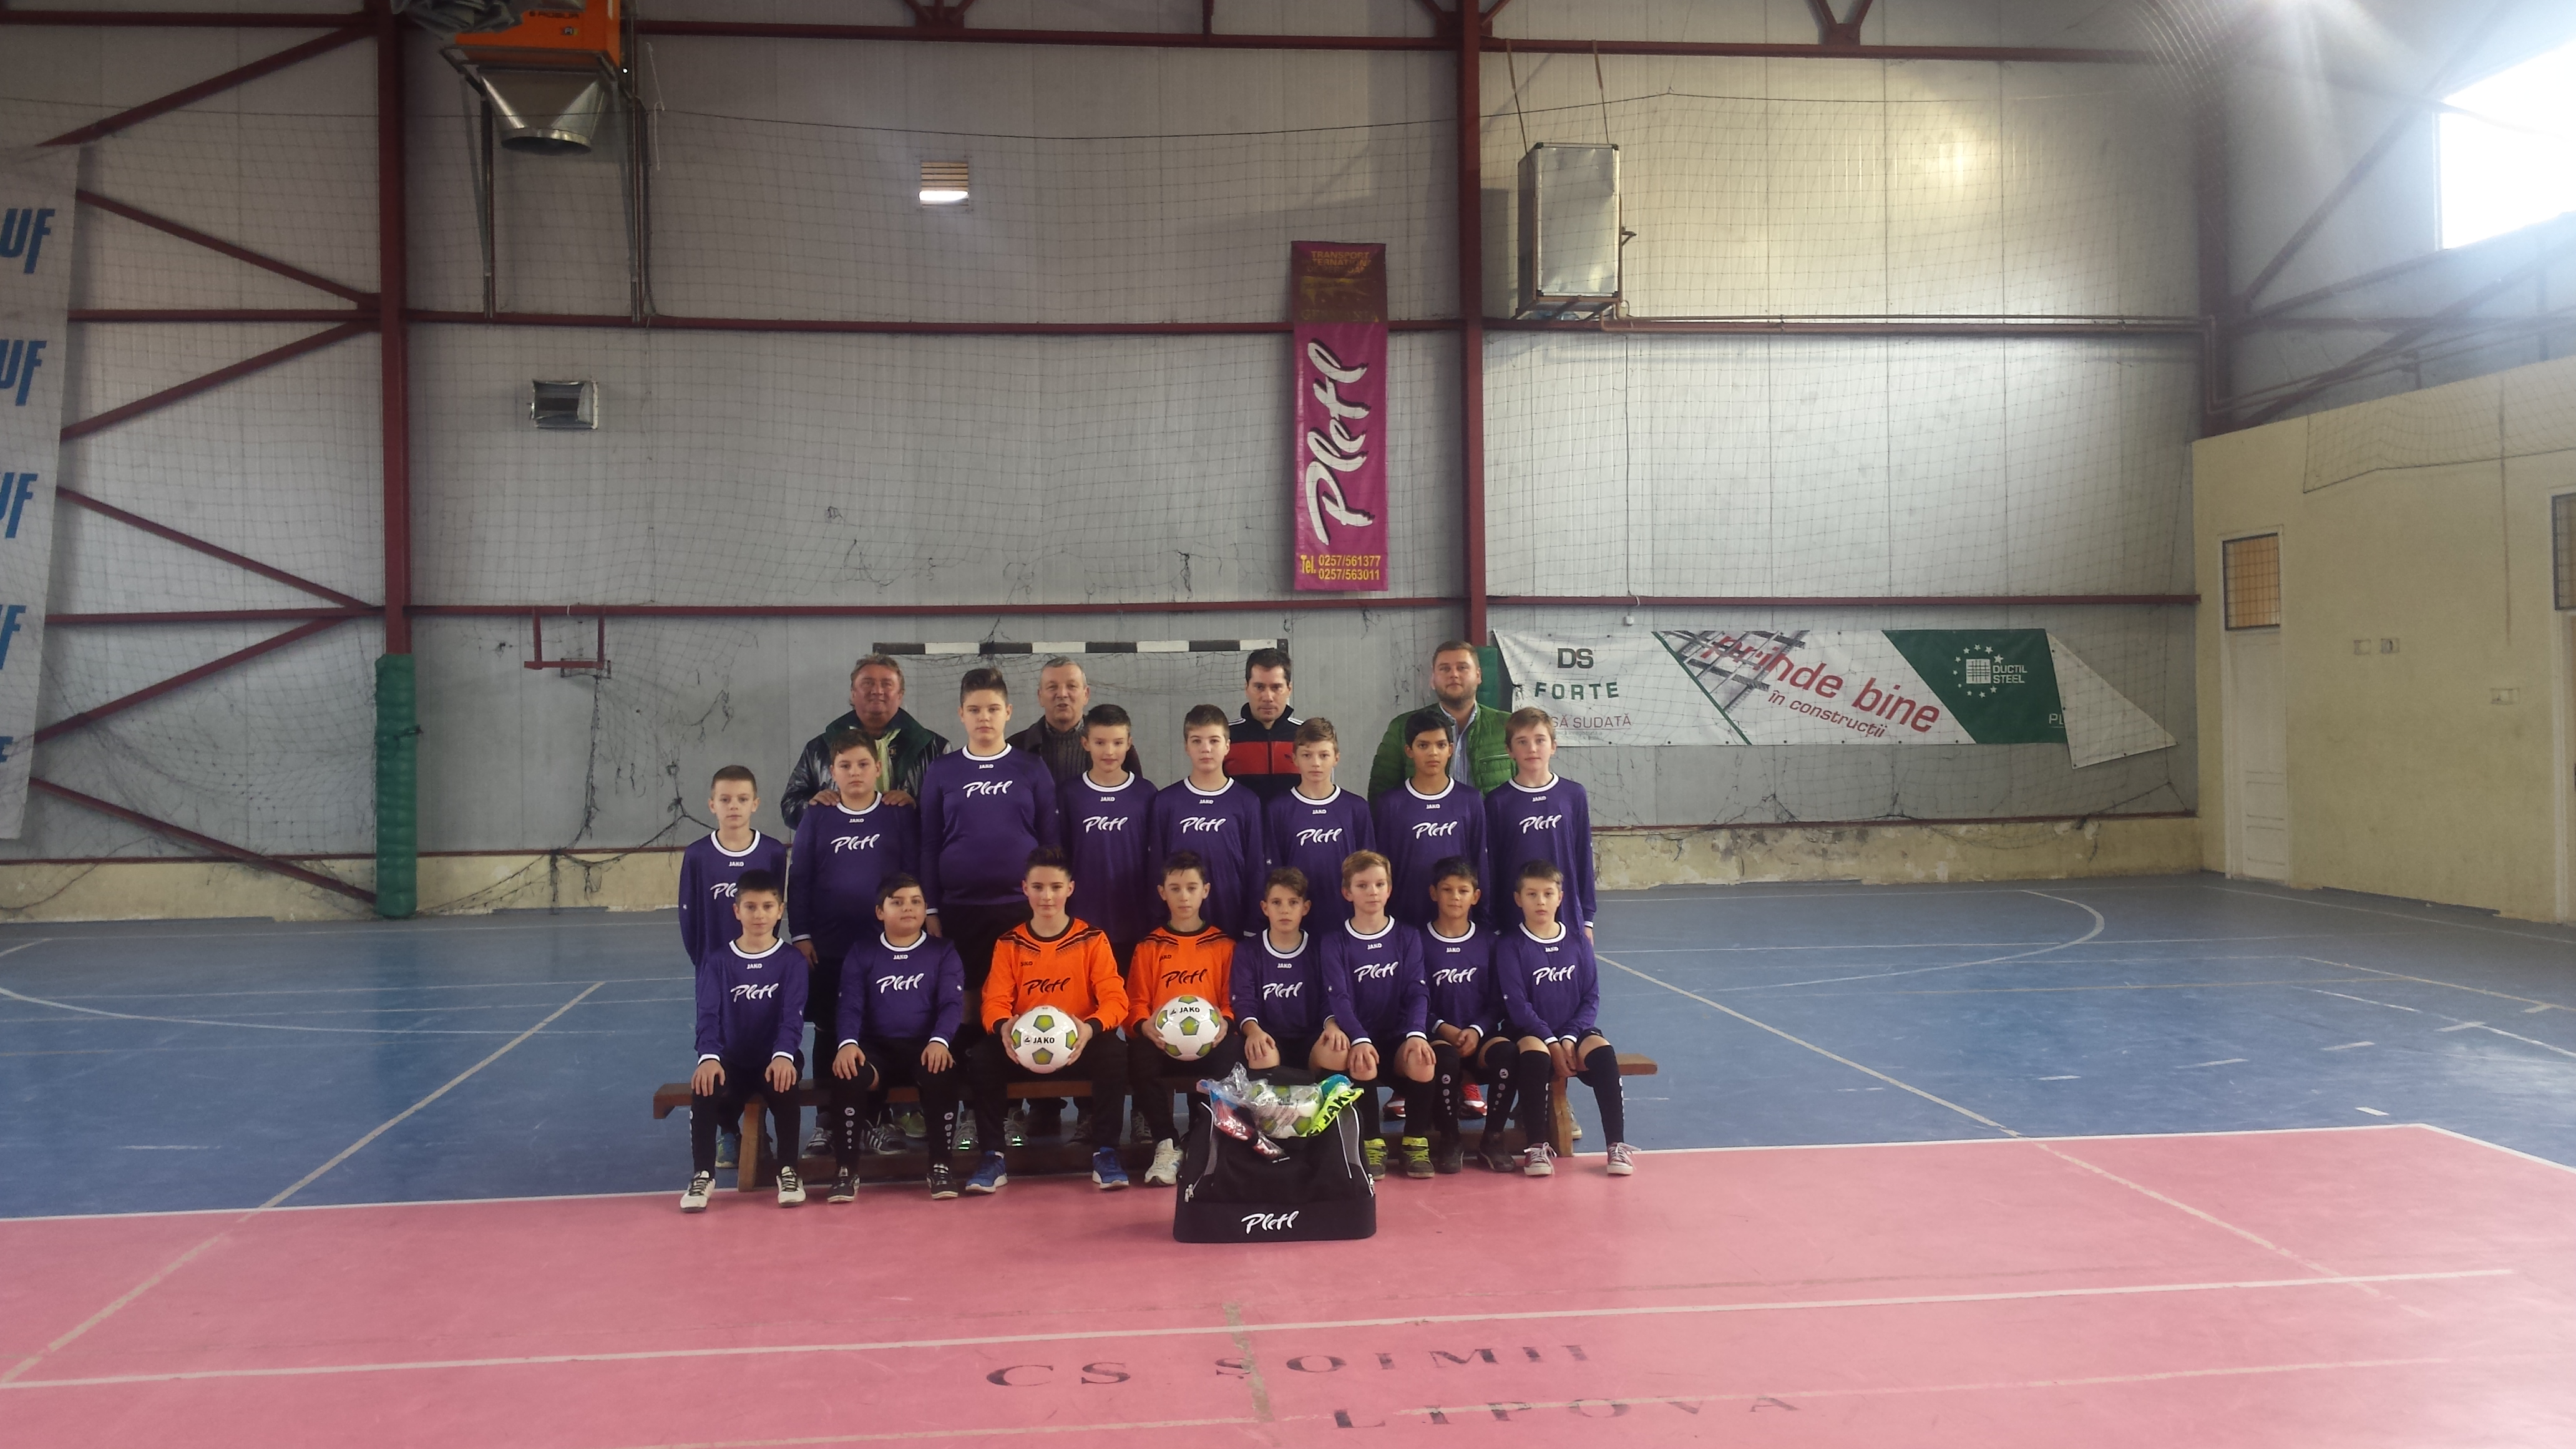 Noile echipamente au fost imbracate de copiii din echipa mica de fotbal a Clubului Sportiv Soimii Lipova